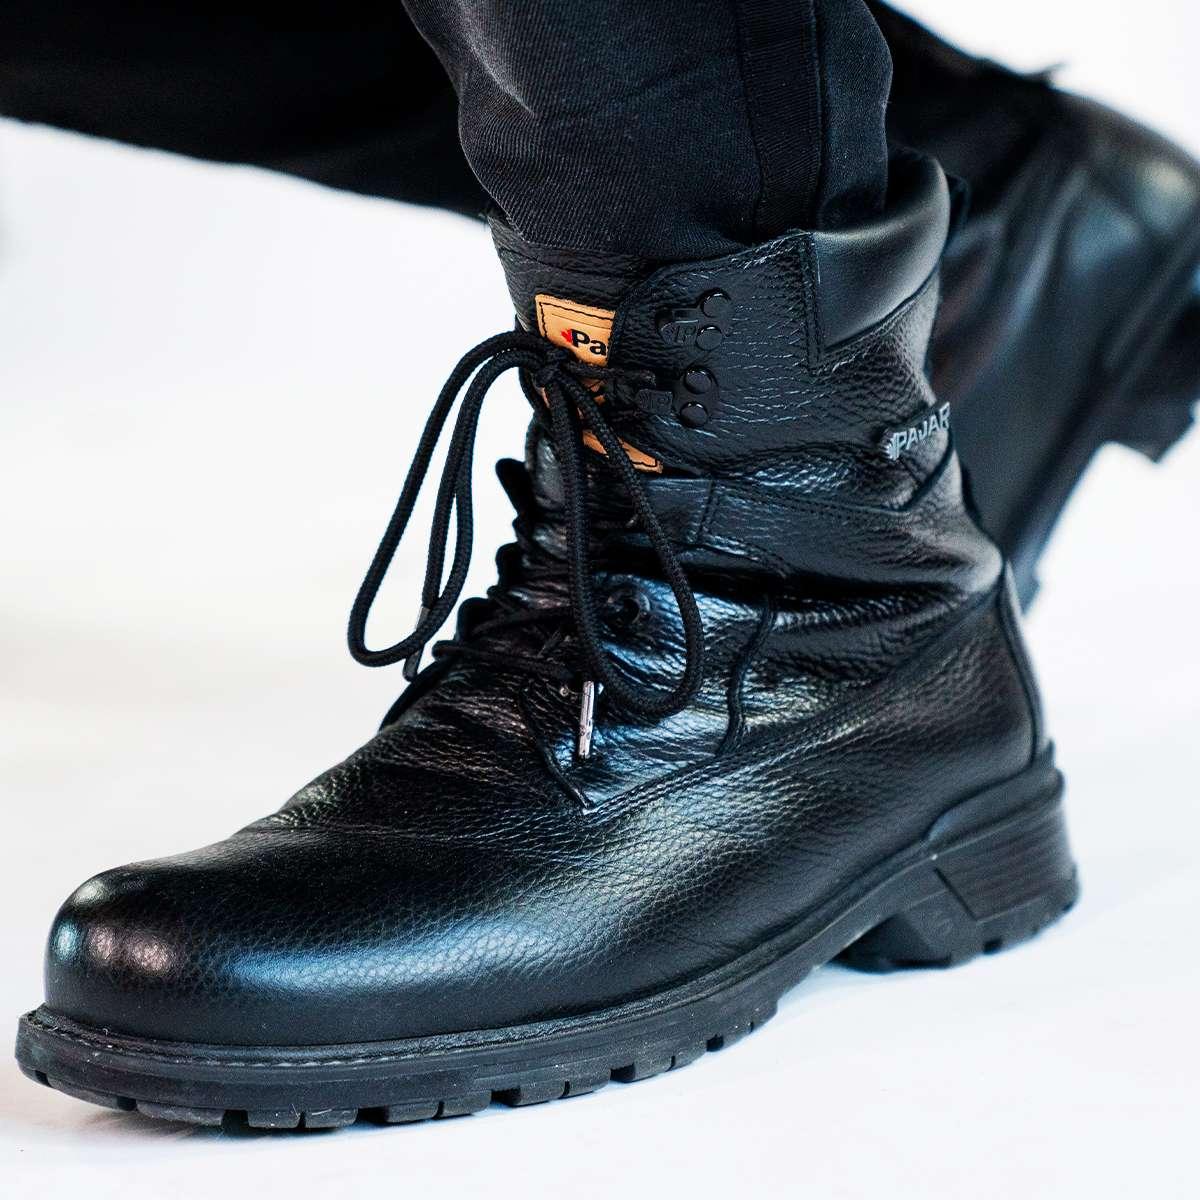 Pajar boots - David C